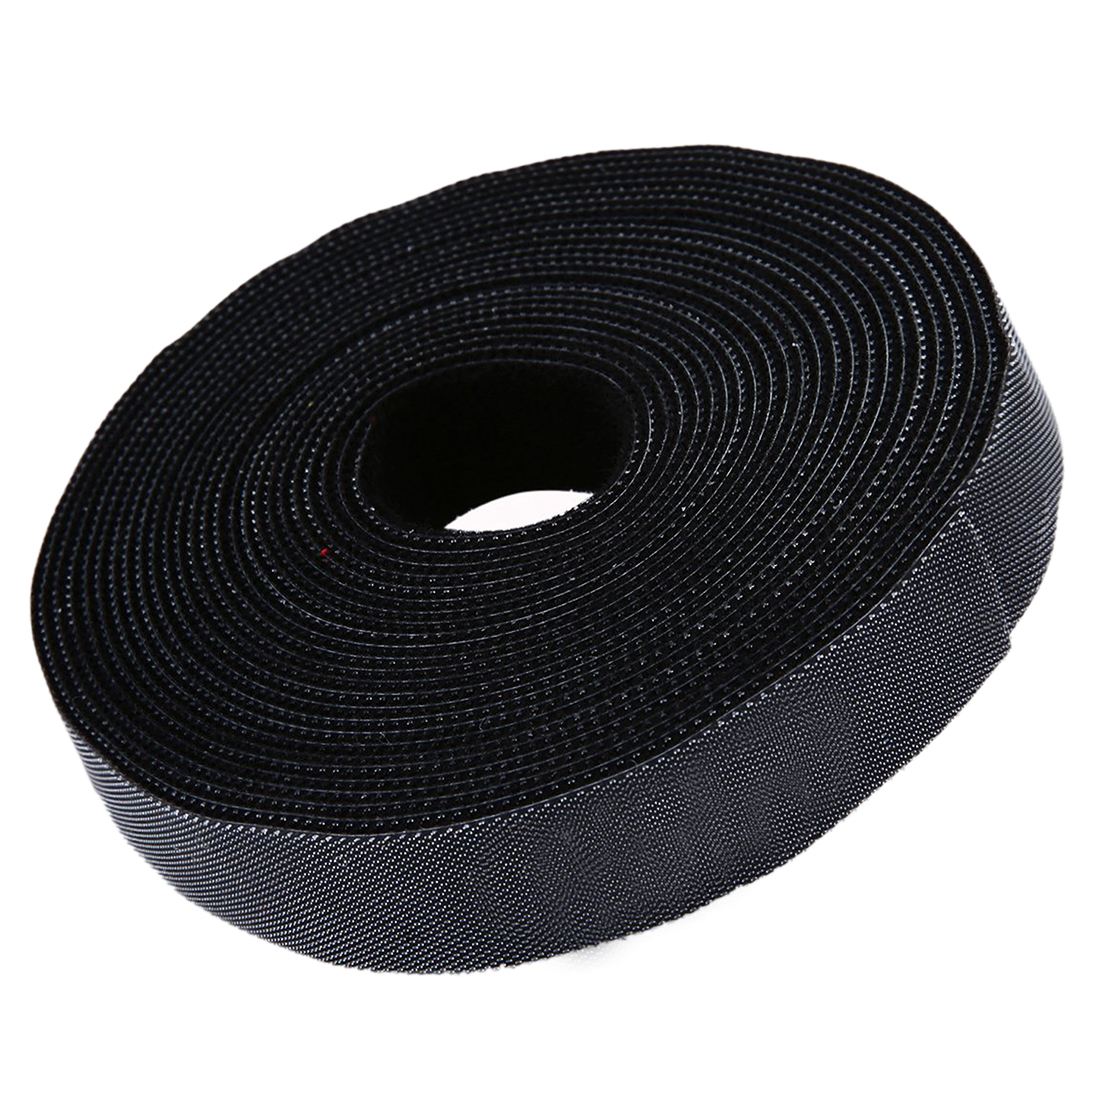 Long Fastening Tape 2cm One Wrap Hook & Loop Fastening Tape Cable Ties 5M Black